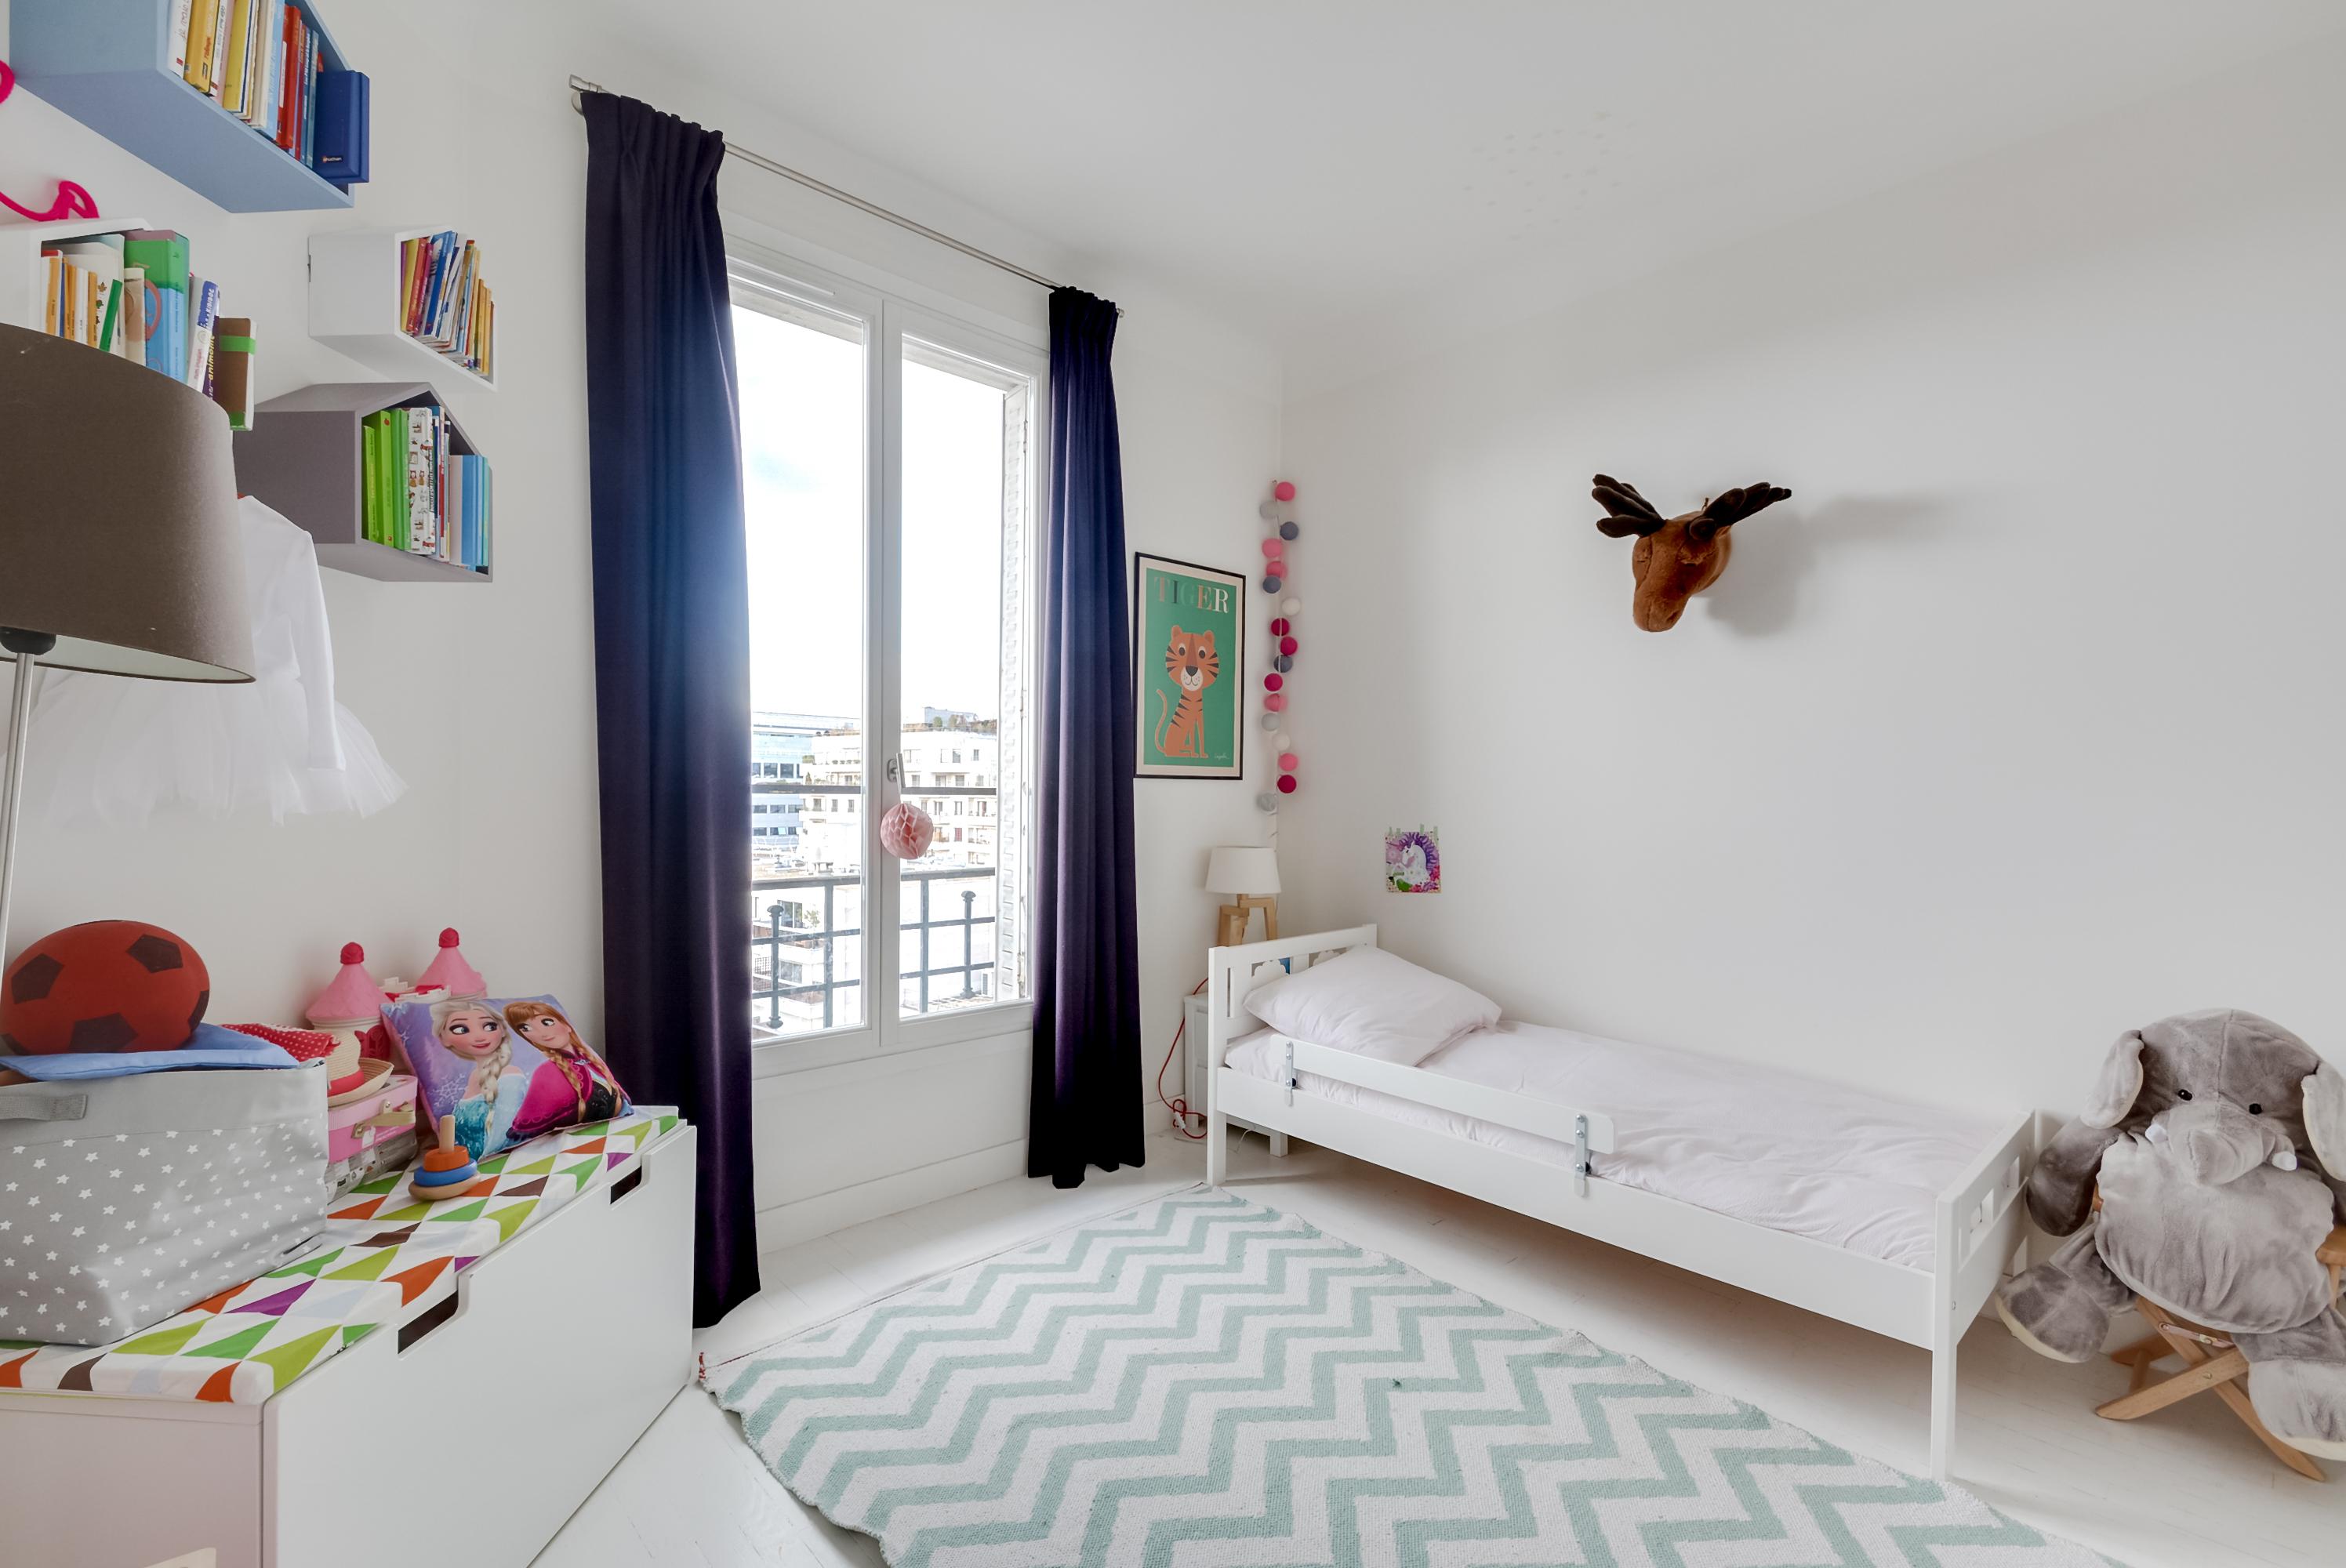 magnifique dernier tage de 86m avec vue imprenable neuilly sur seine dernier tage paris. Black Bedroom Furniture Sets. Home Design Ideas